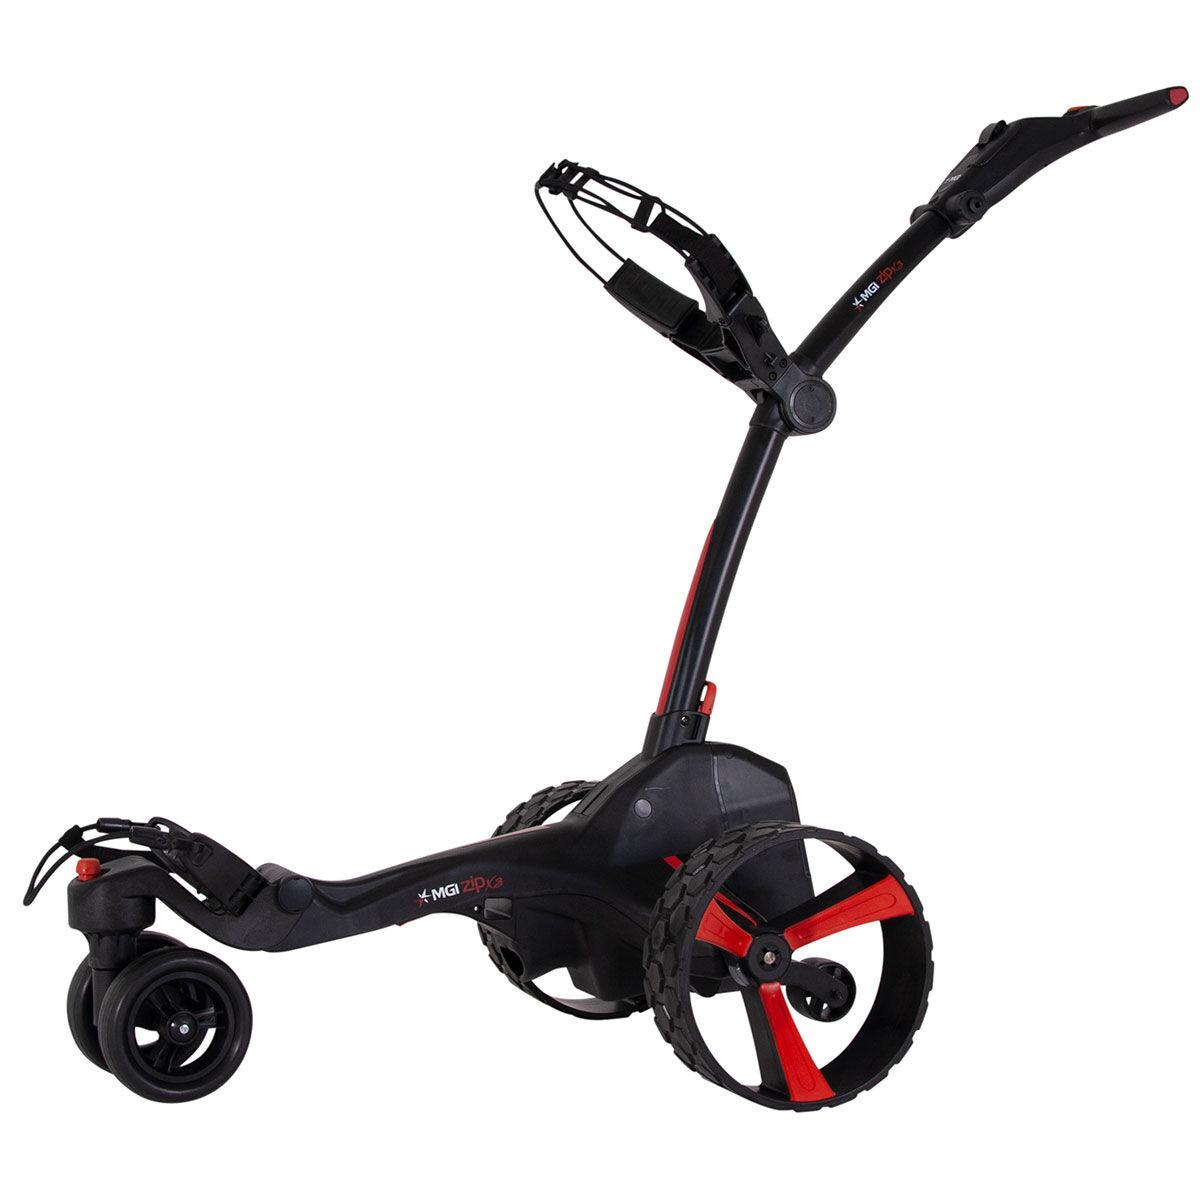 """MGI Golf Black Zip X3 Lithium Electric Golf Trolley, Size: 27.55x18.5x16.5""""   American Golf   American Golf"""